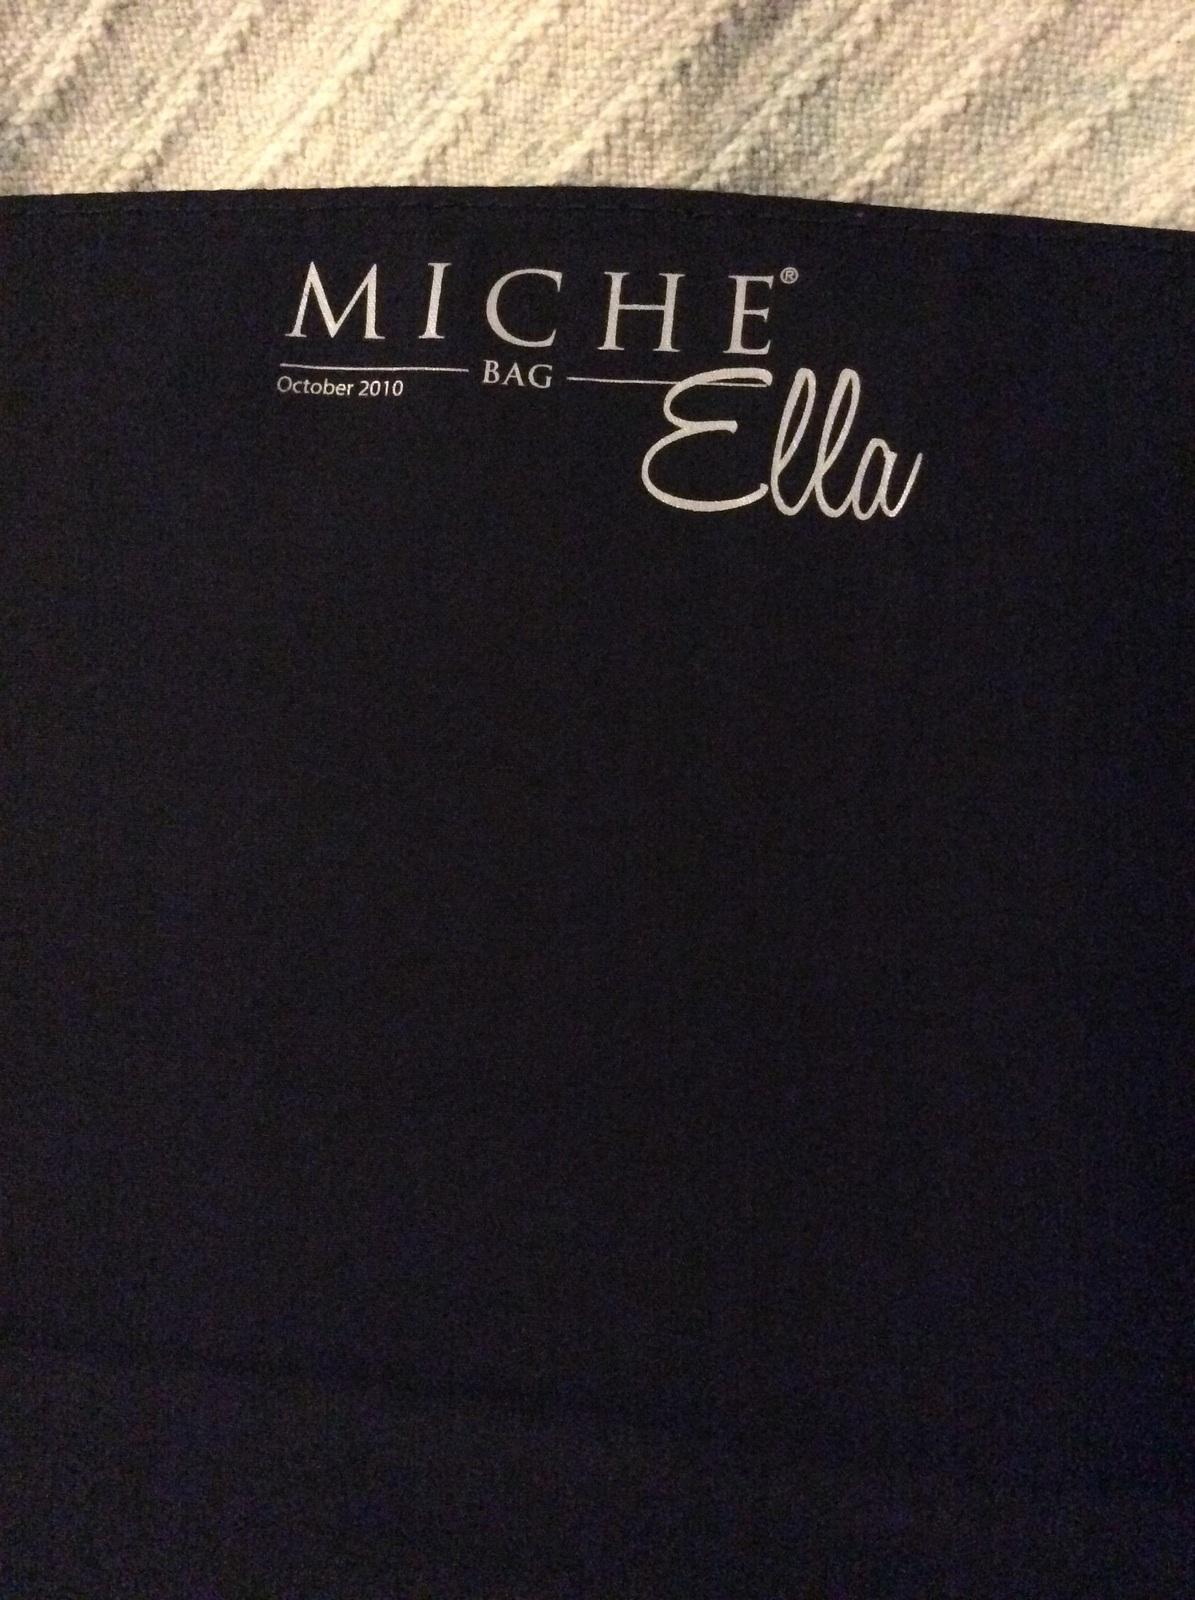 Miche Retired Classic Shell ELLA in Black